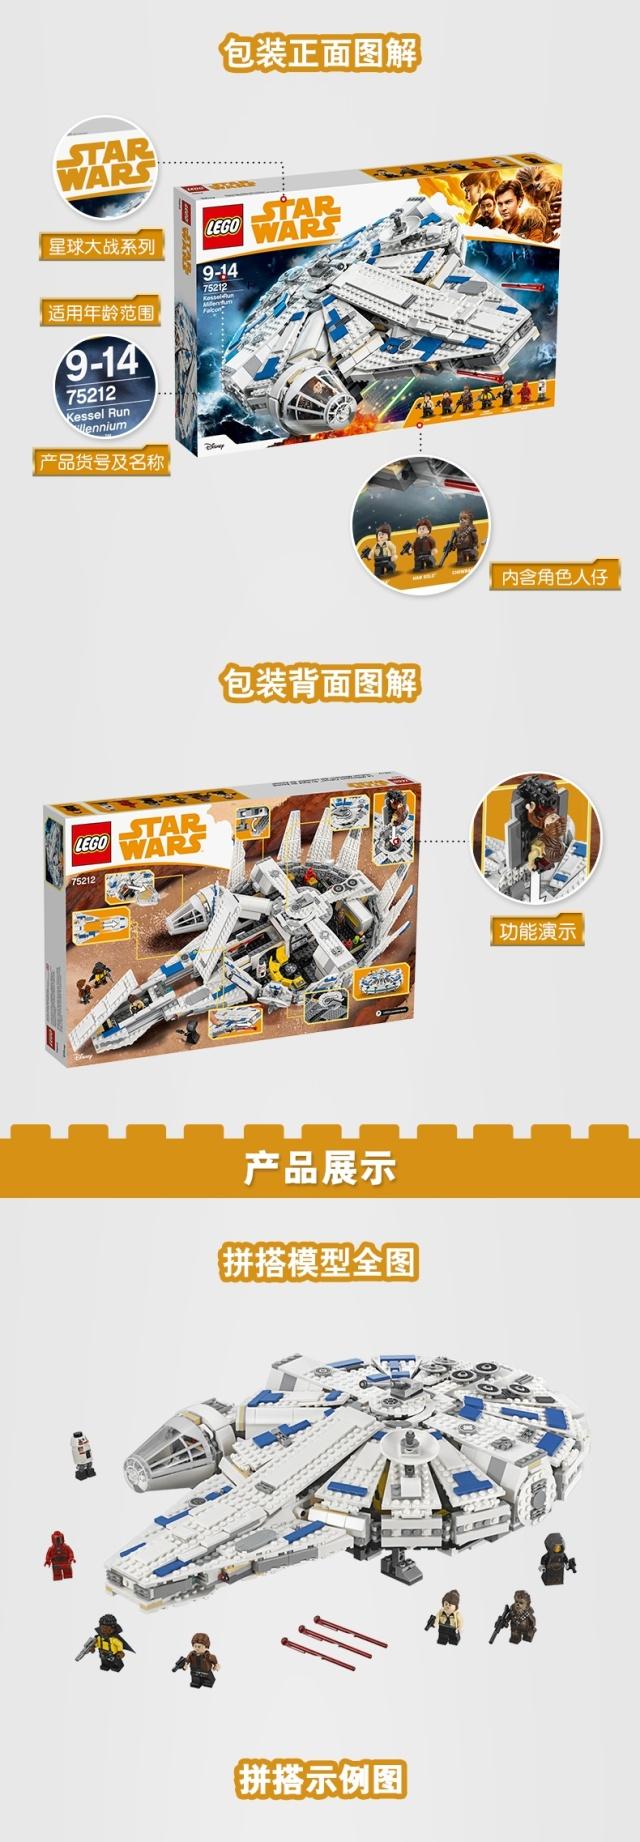 乐高(LEGO)星球大战系列积木玩具